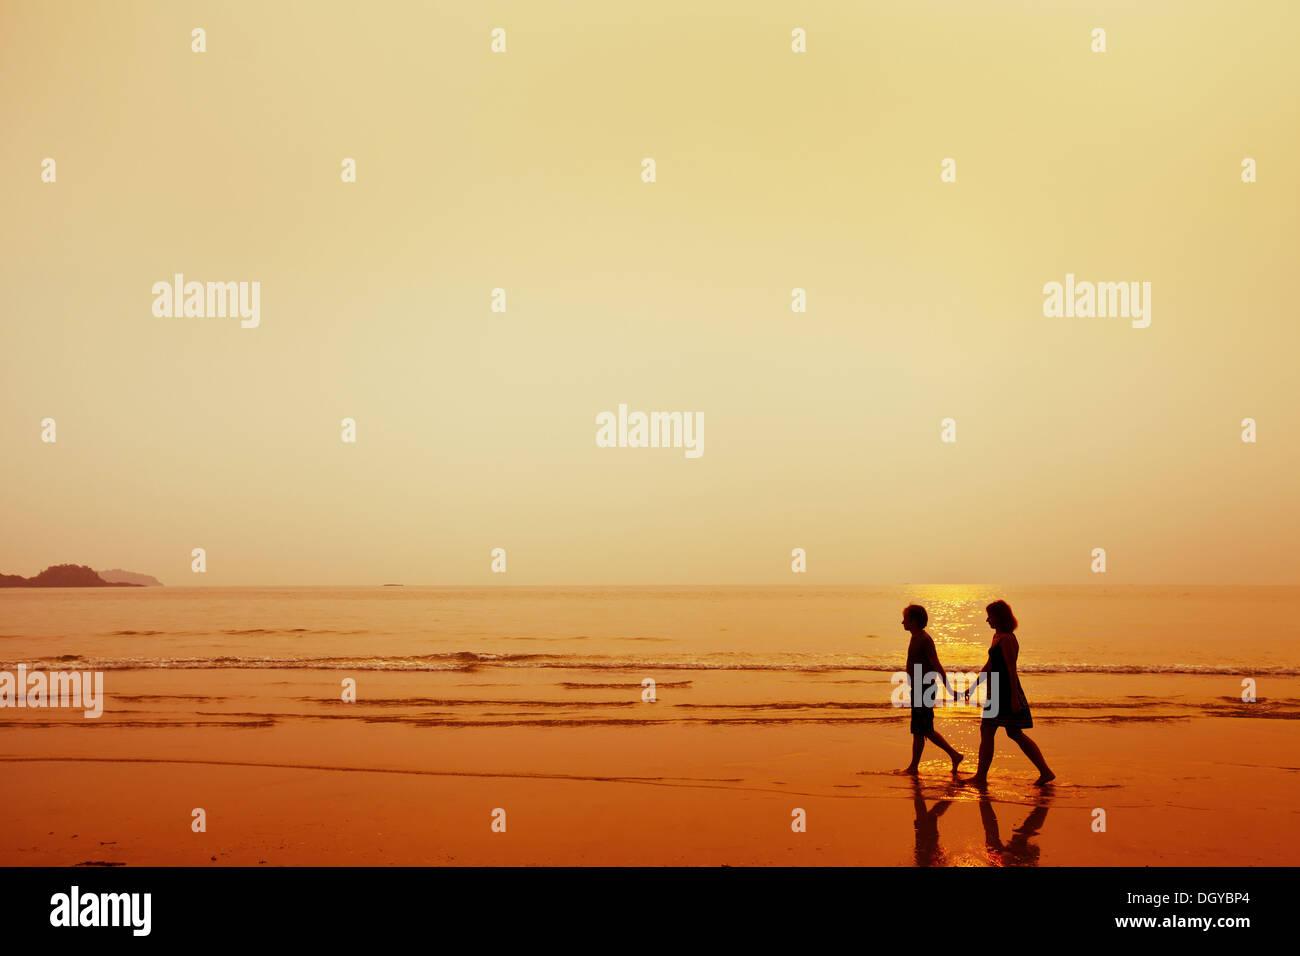 Silueta de la pareja en la playa Imagen De Stock